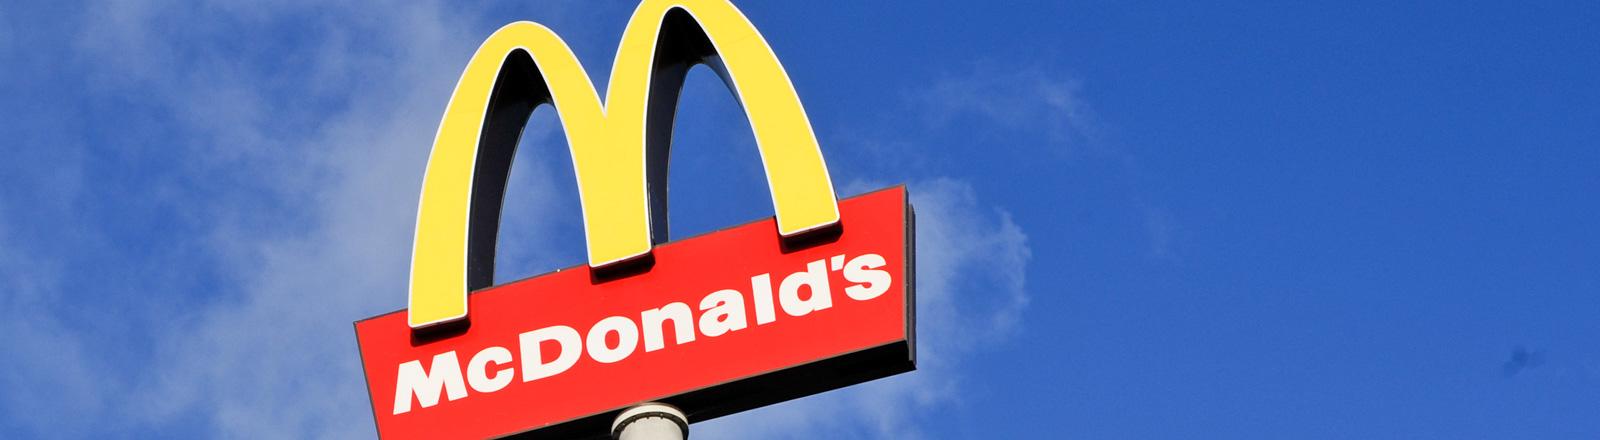 Das Schild der Restaurant-Kette McDonald's vor blauem Himmel. Ein gelbes M. Darunter steht Mc Donald's in weißen Lettern auf rotem Grund.